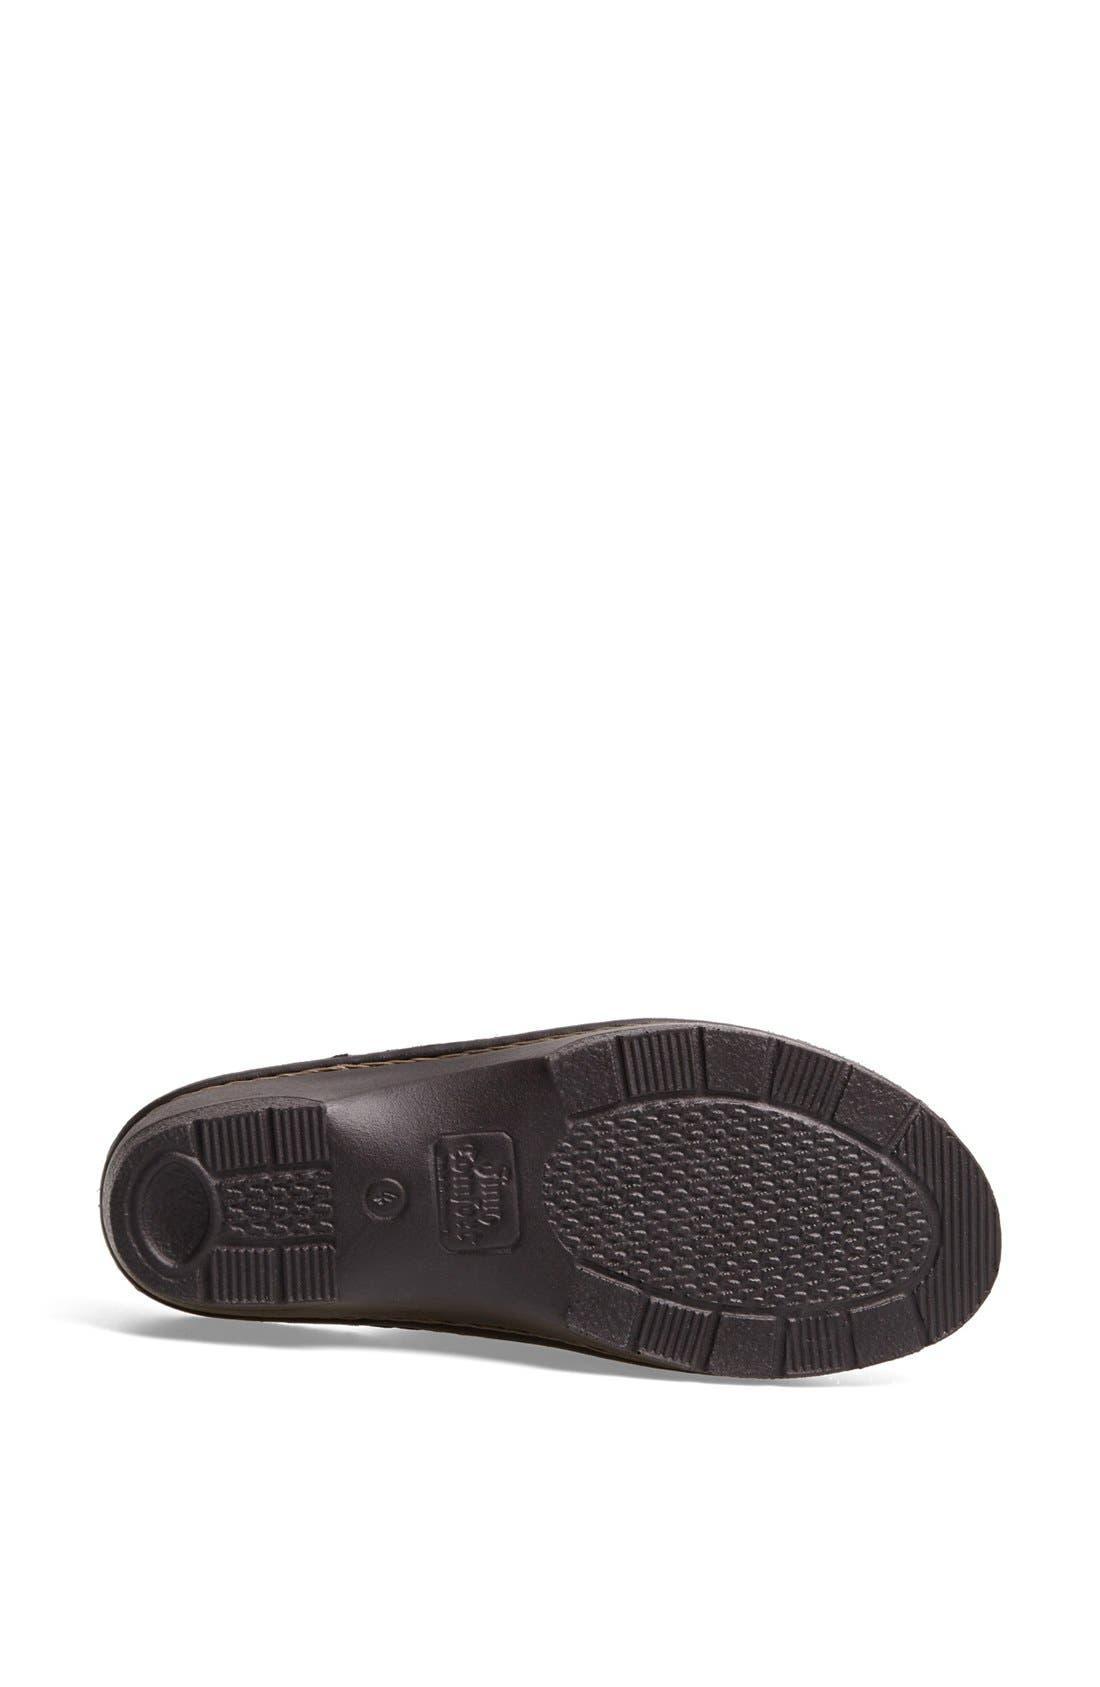 'Tilburg' Leather Sandal,                             Alternate thumbnail 4, color,                             001